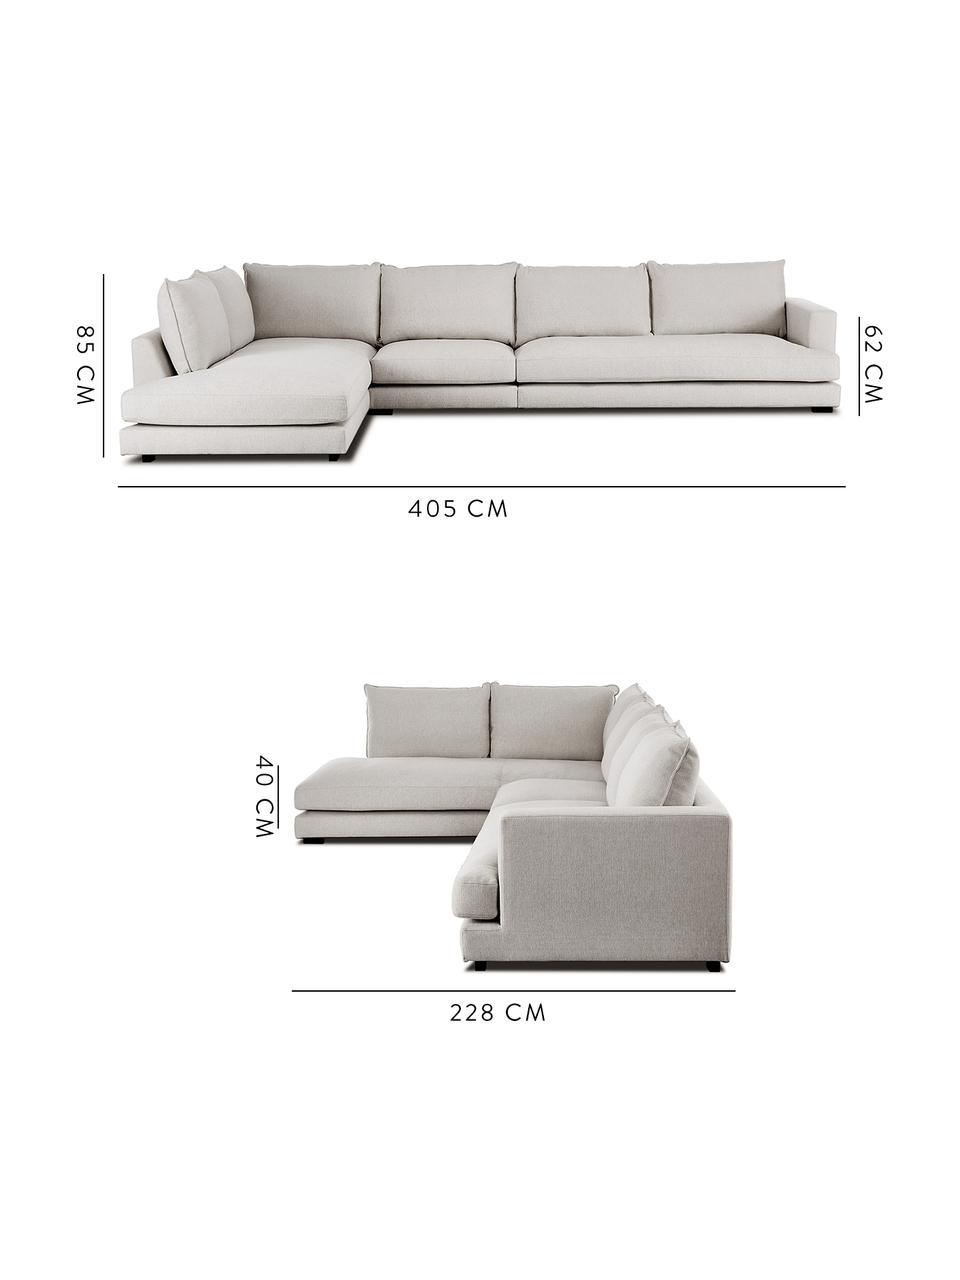 Très grand canapé d'angle gris-beige Tribeca, Tissu gris-beige